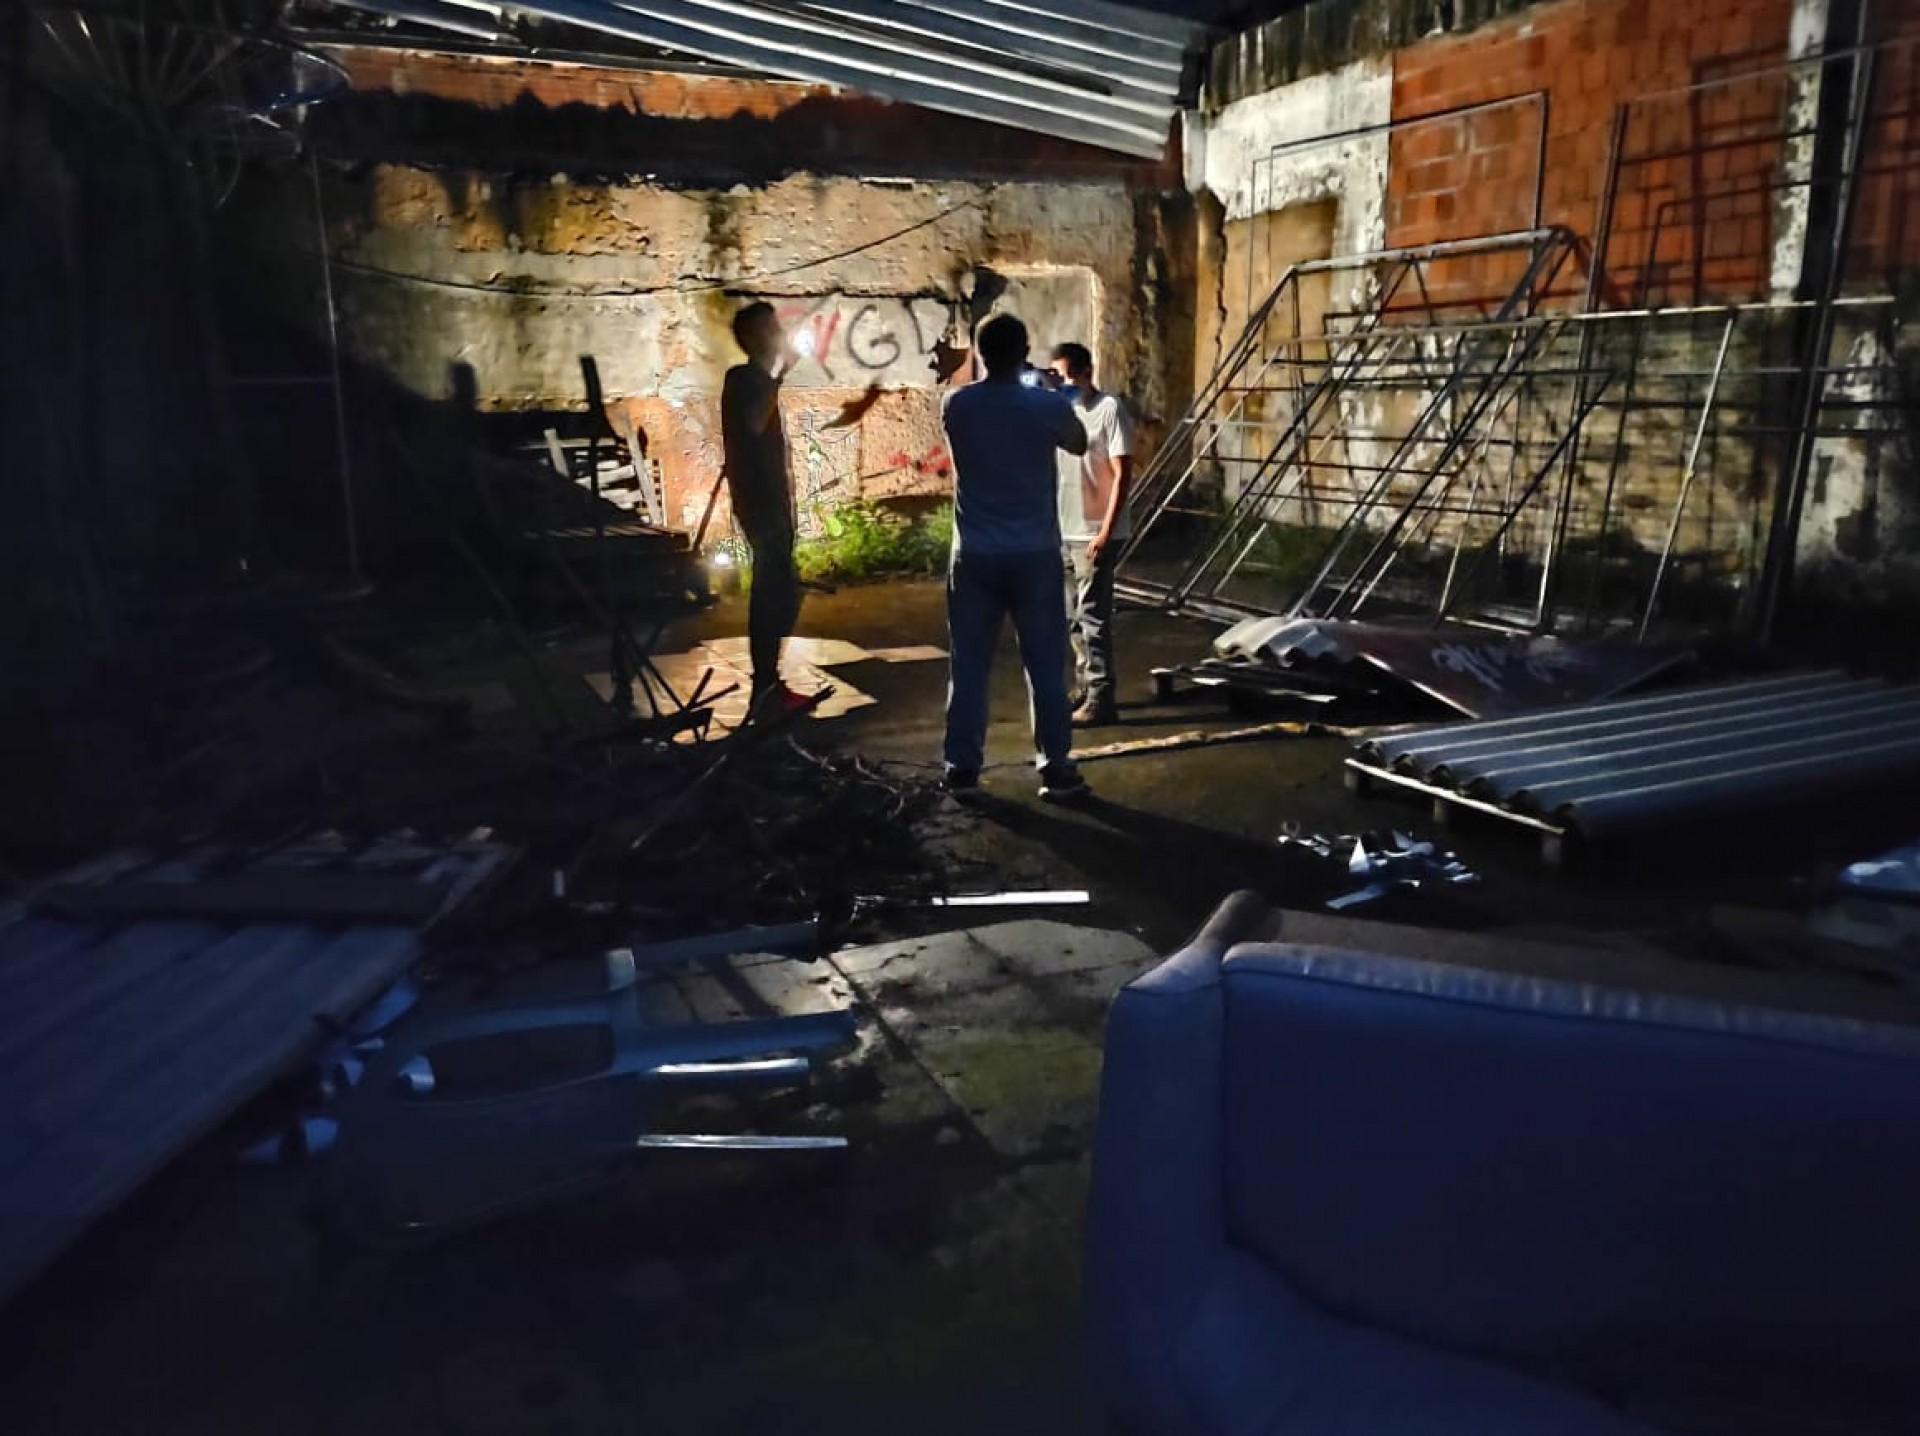 (Foto: CINTHIA MEDEIROS)Técnicos, fotógrafos e roteirostas na preparação do estúdio para a gravação das cenas internas do documentário Guerra Sem Fim, do O POVO Mais